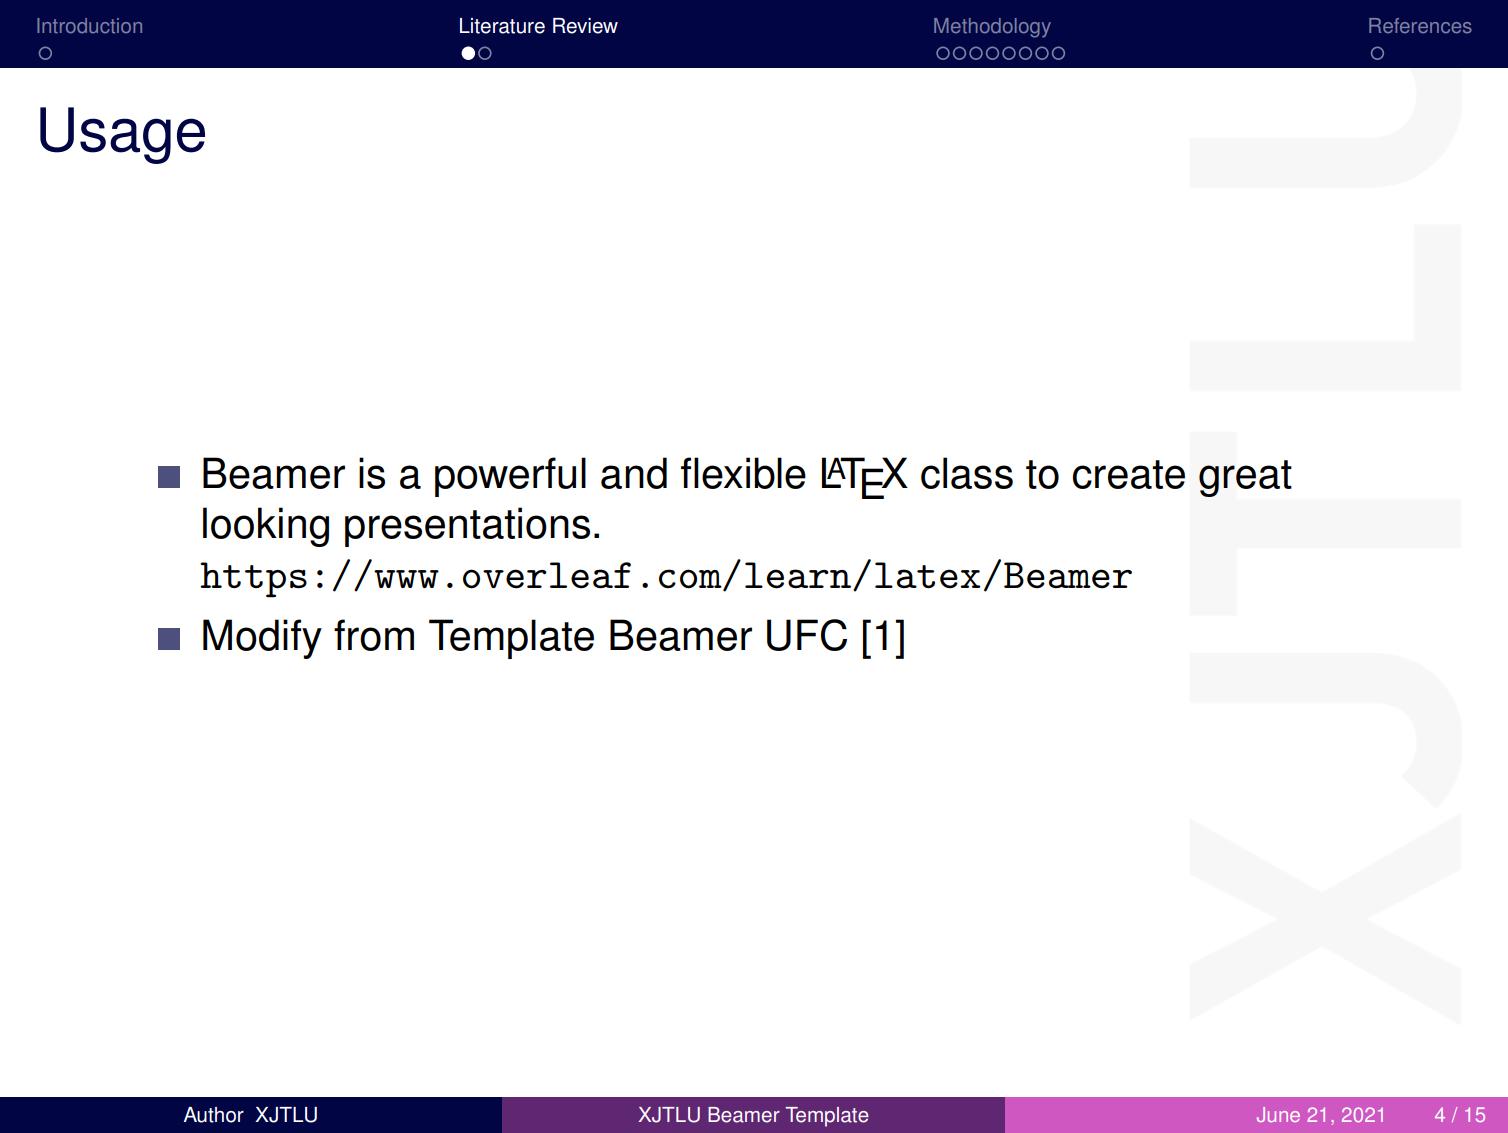 西交利物浦大学用户定制的 beamer 主题